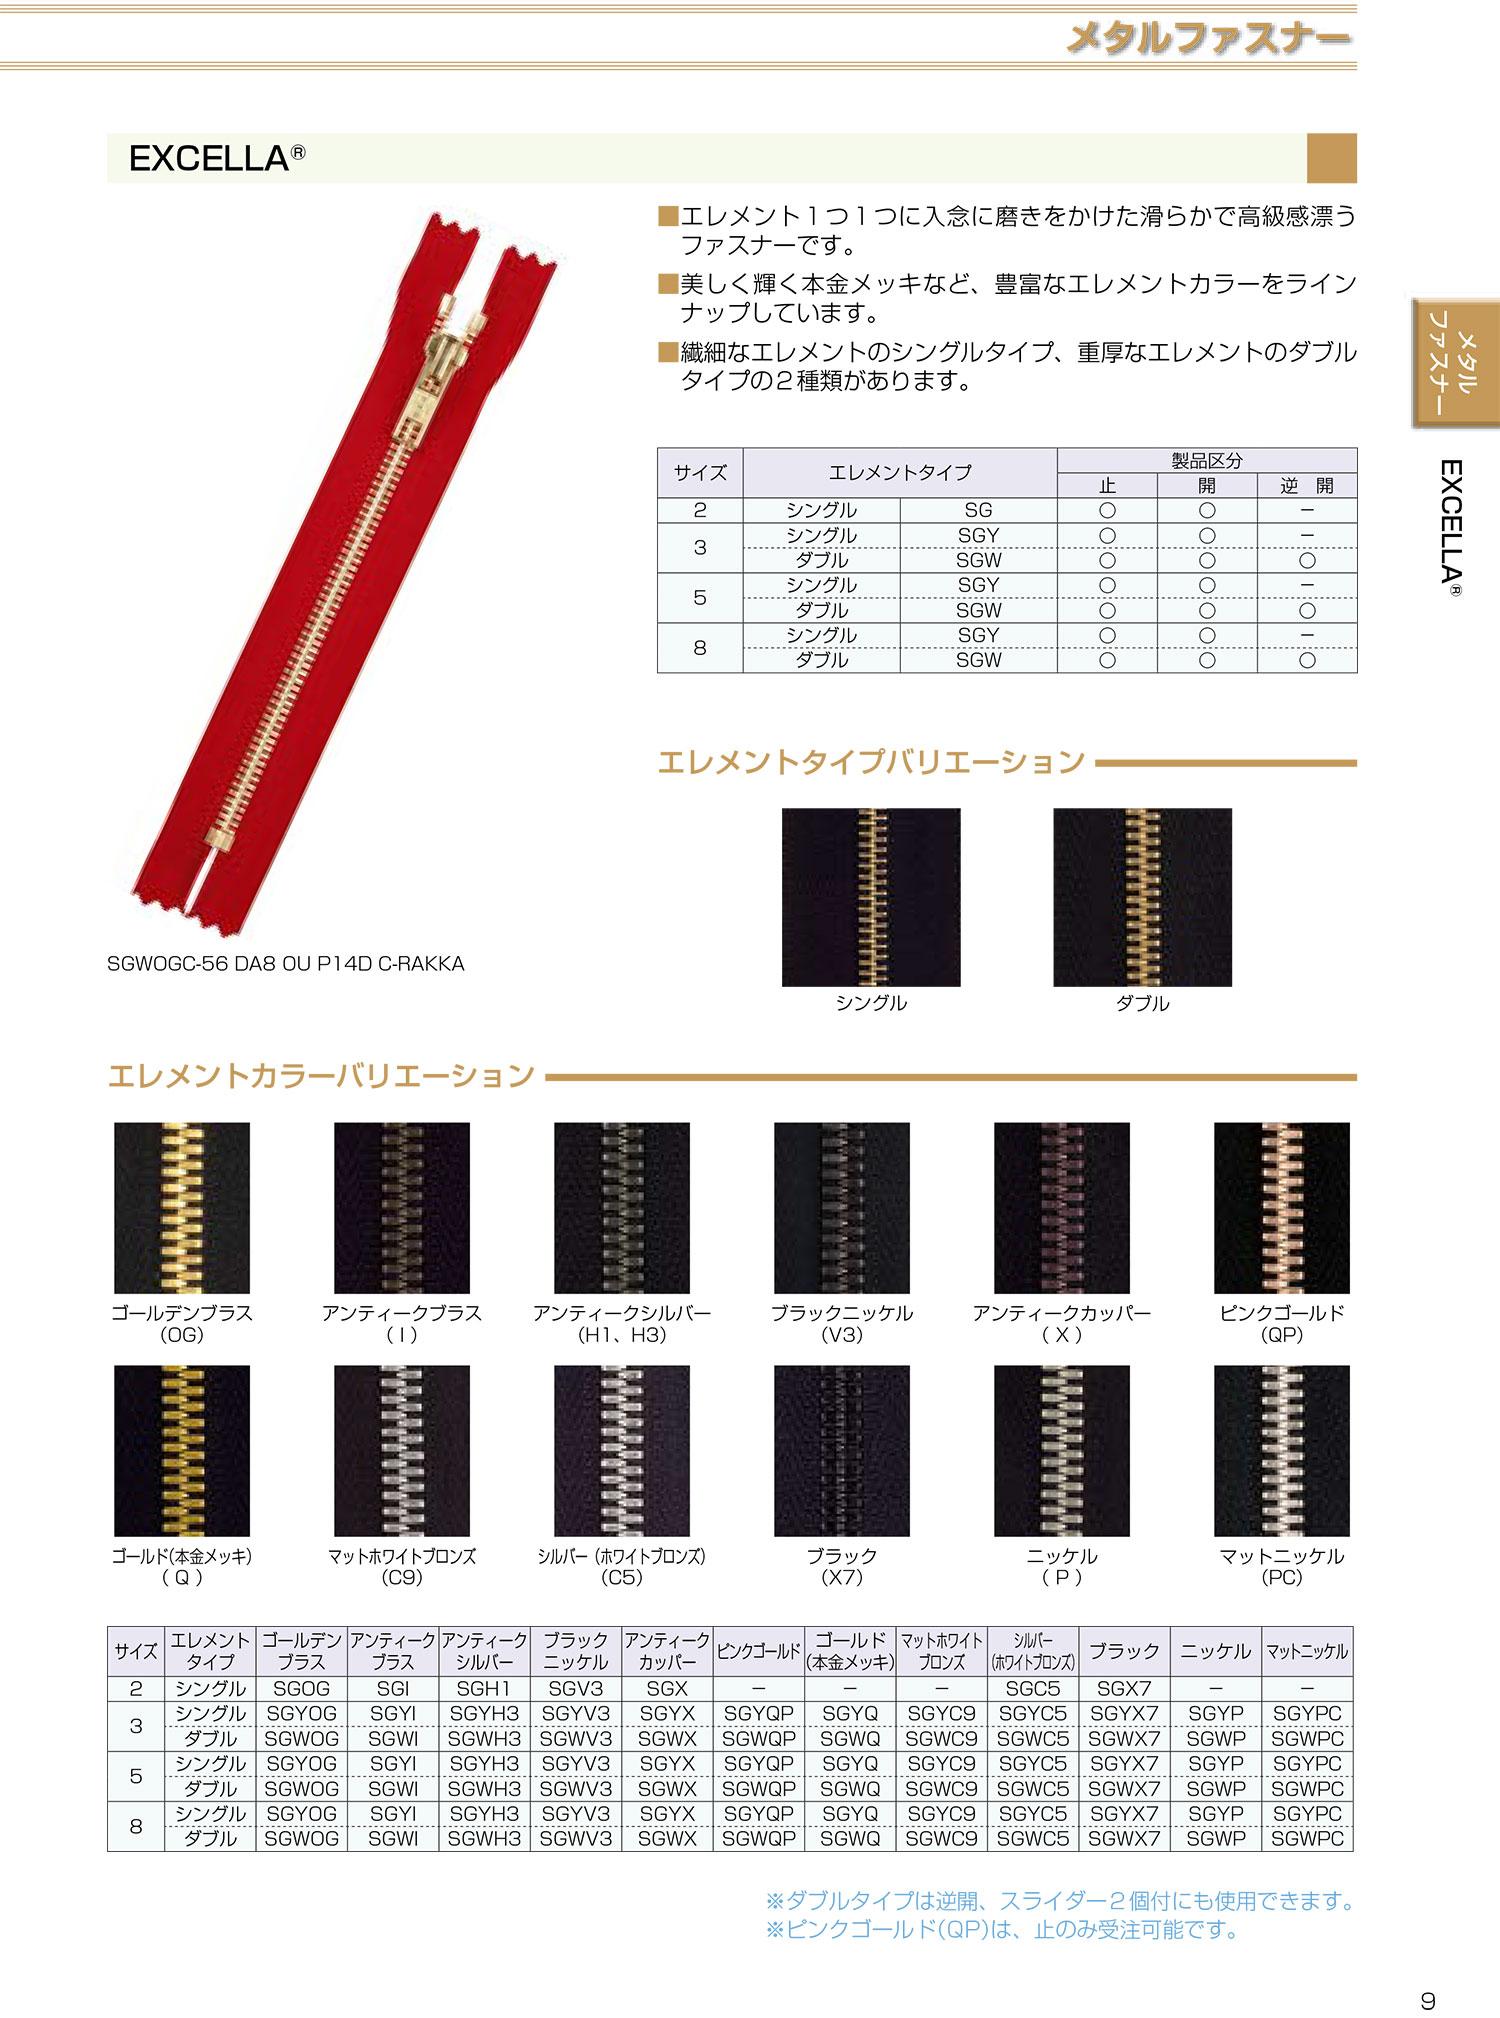 3SGYC9C エクセラ 3サイズ マットホワイトブロンズ 止め シングル[ファスナー] YKK/オークラ商事 - ApparelX アパレル資材卸通販